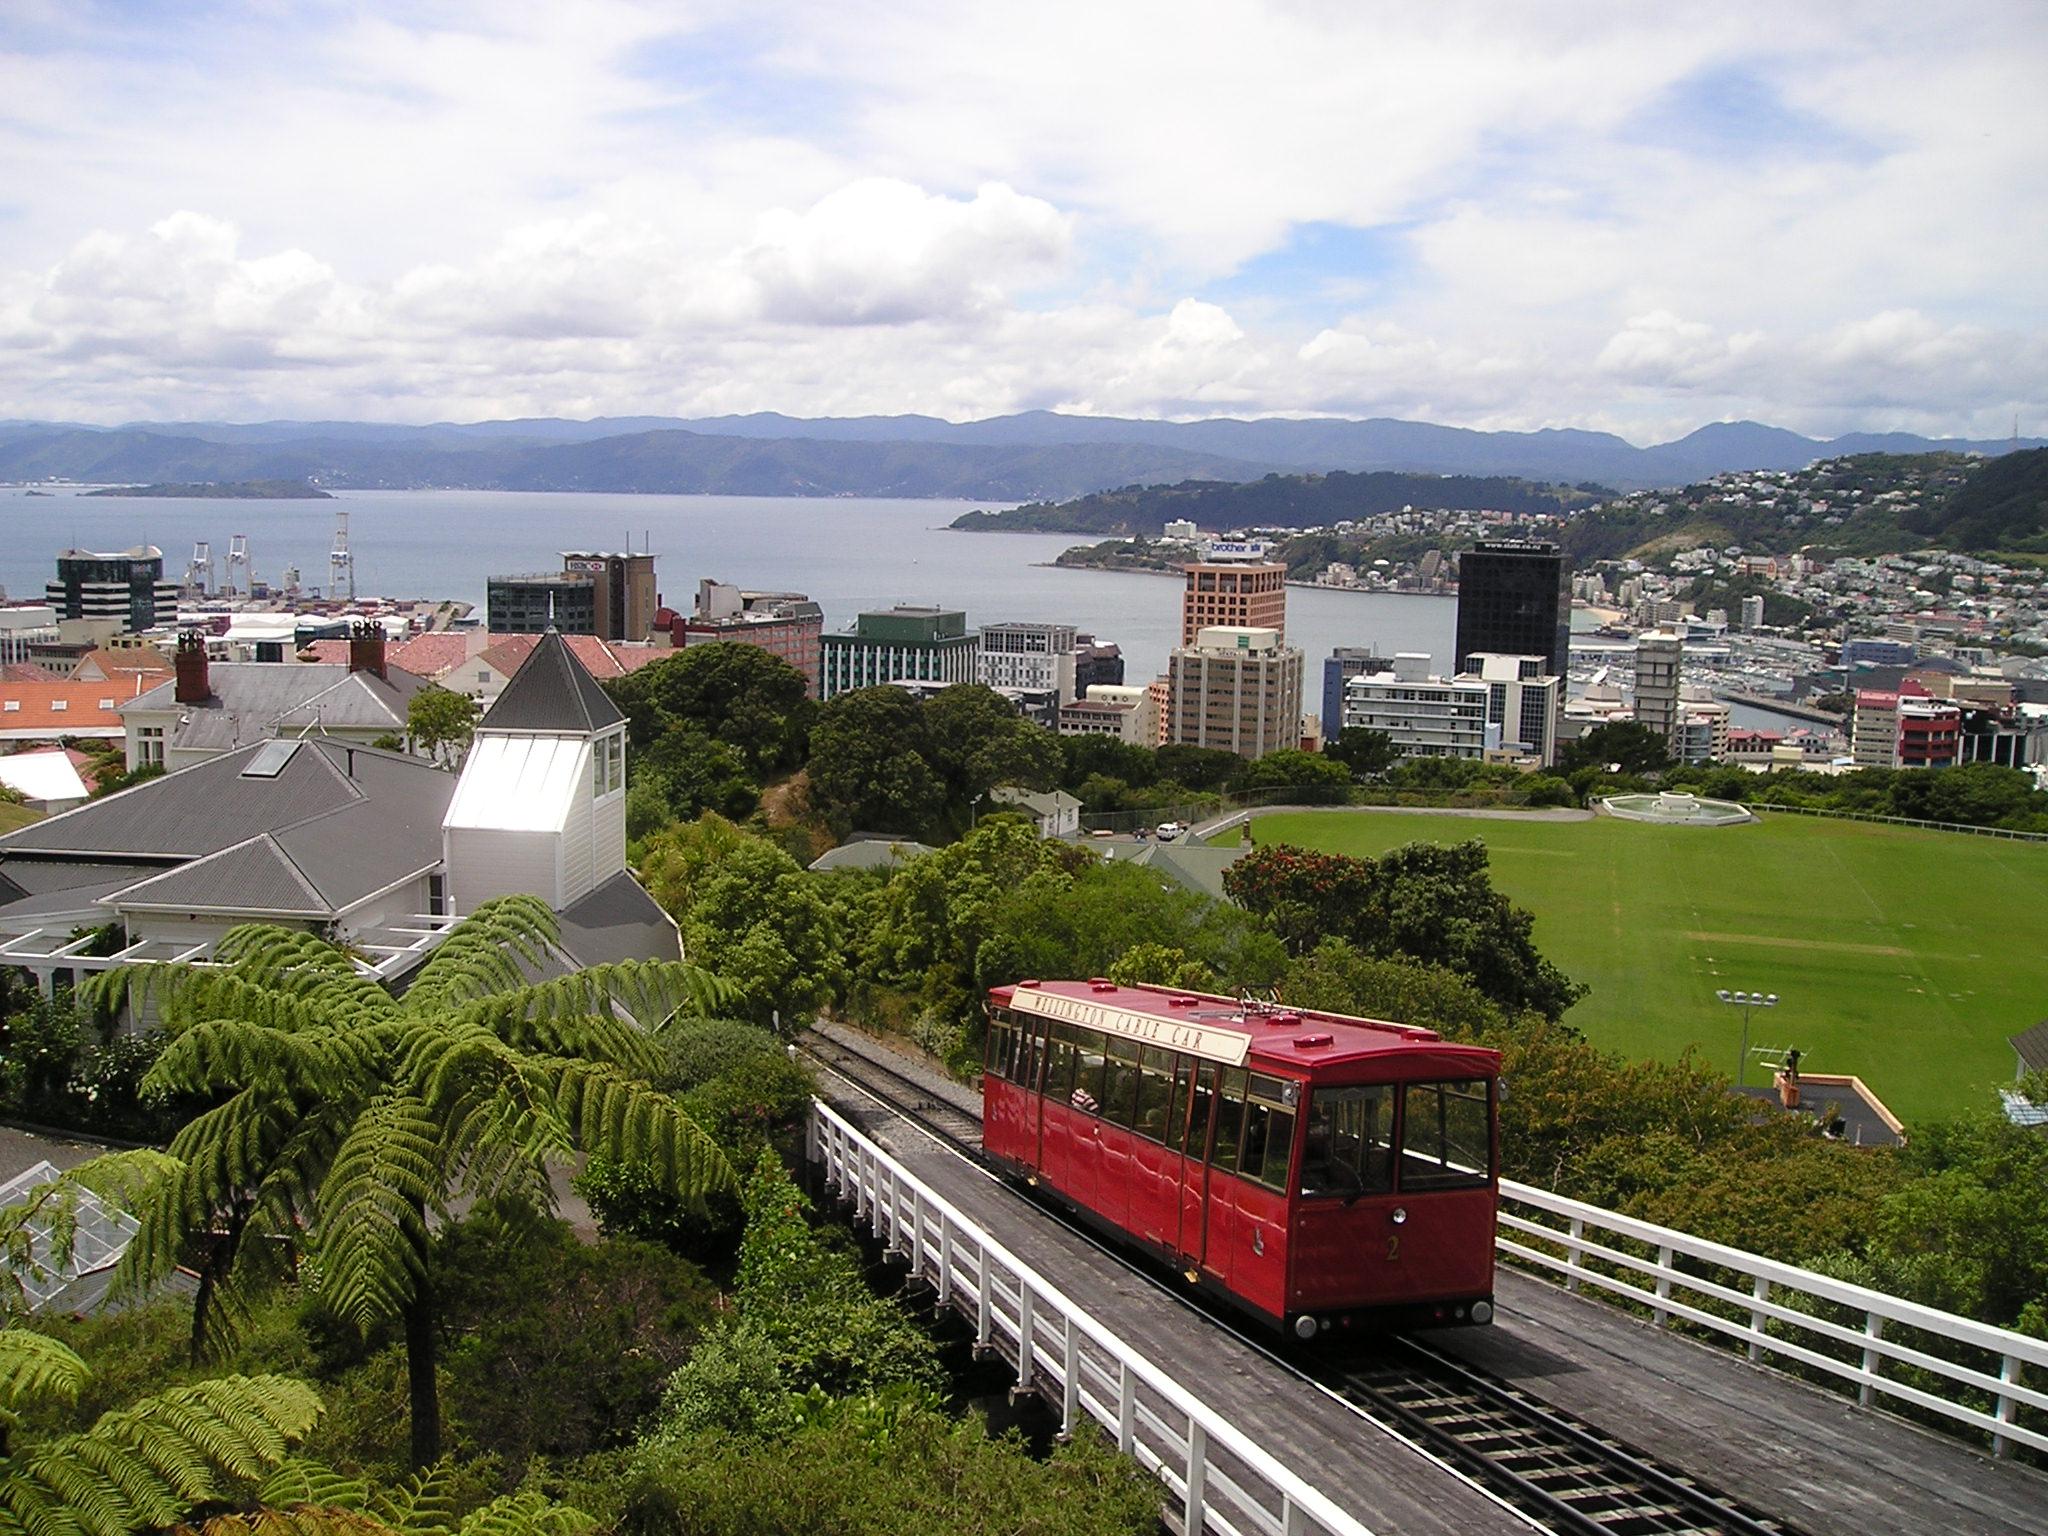 Selandia Baru Picture: Gambar : Melihat, Pemandangan Kota, Mengangkut, Kota